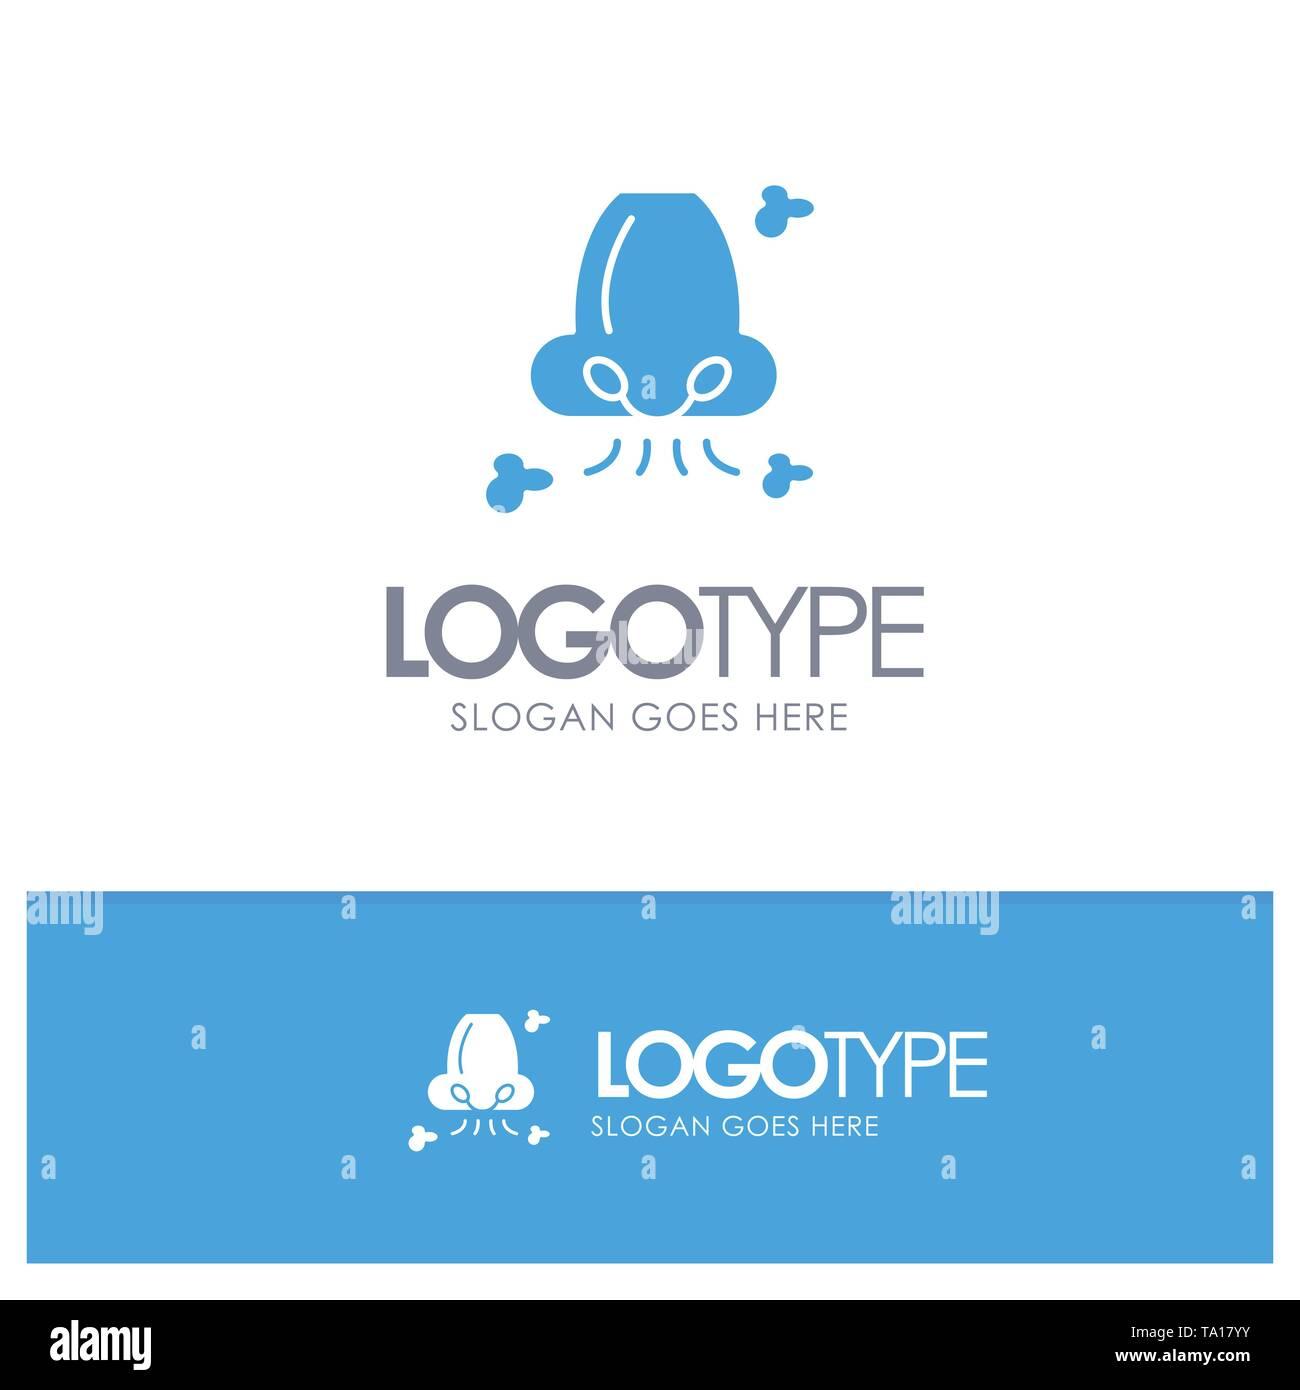 Luft, Atmen, Gesundheit, Nase, Umweltverschmutzung Blue Solid Logo mit Slogan Stockbild